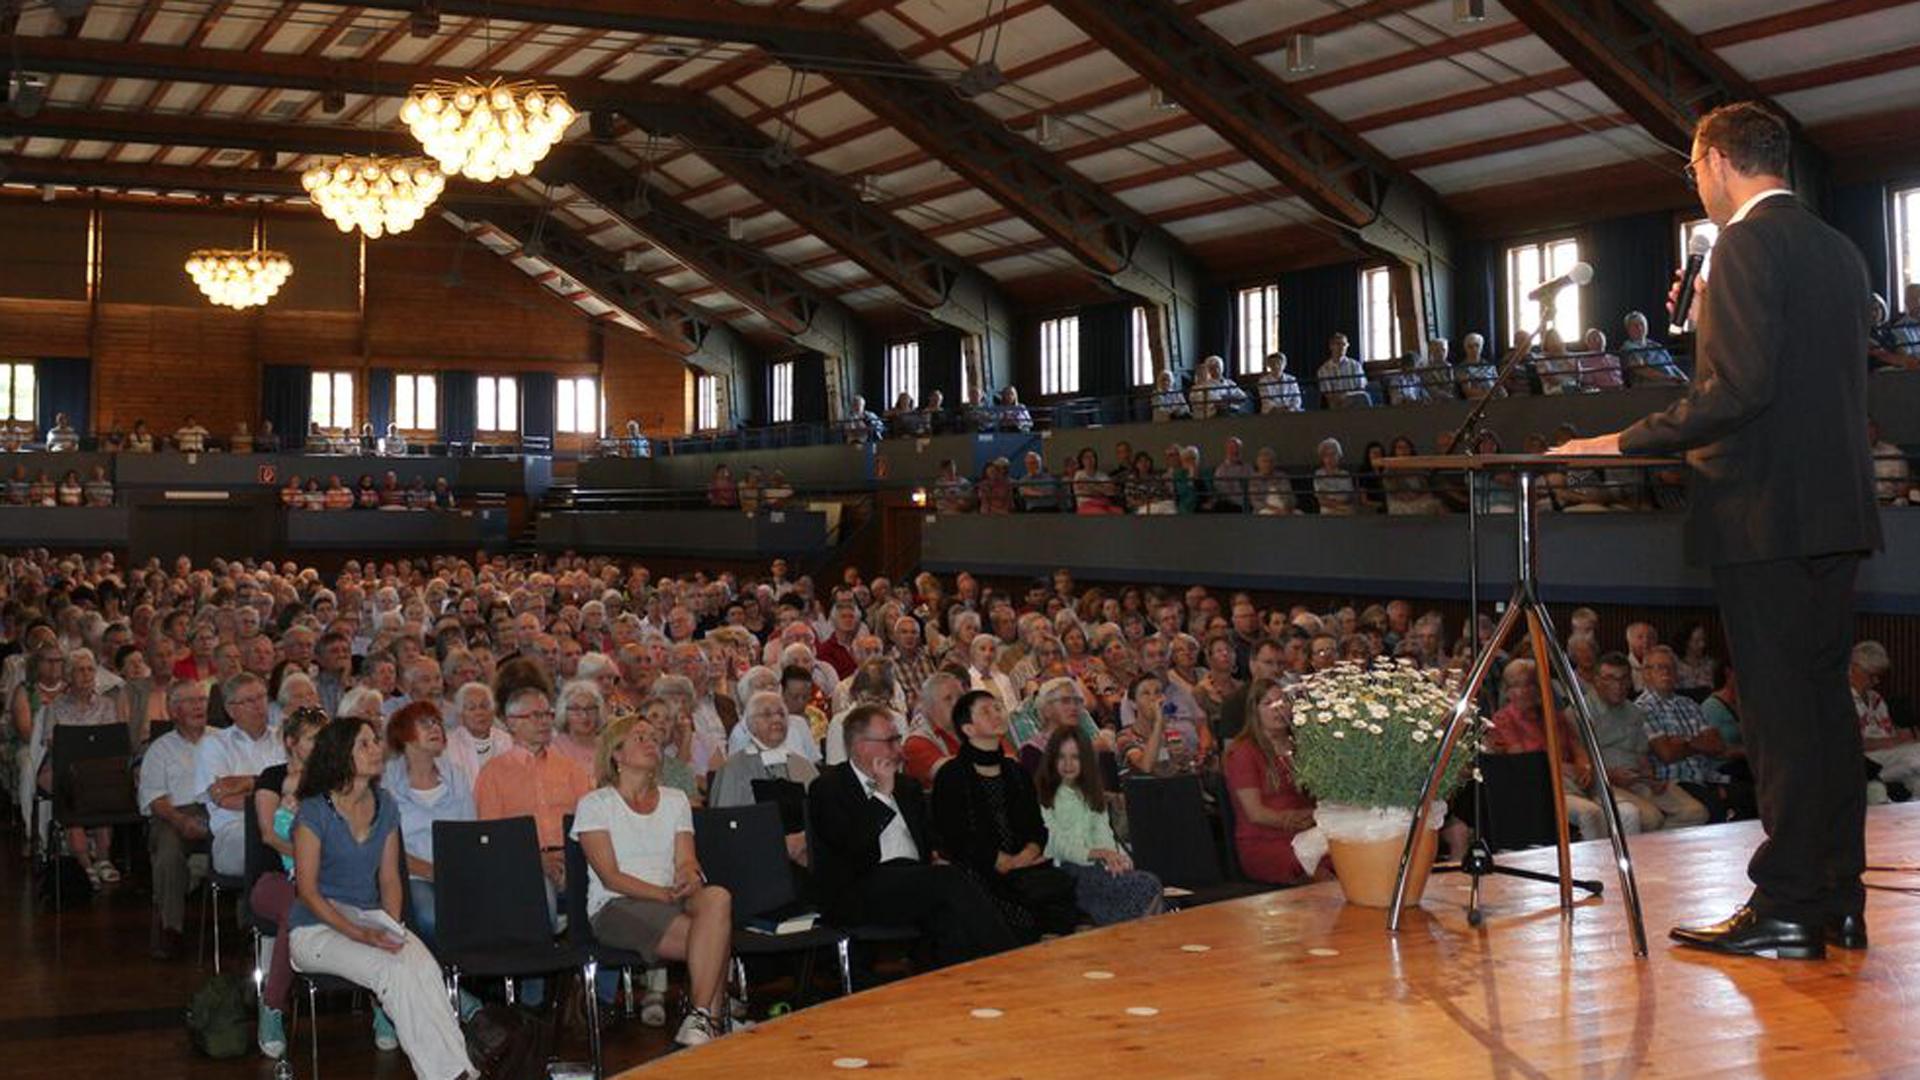 Rund 850 Christen sind an Fronleichnam im württembergischen Herrenberg zum regionalen Christustag zusammengekommen